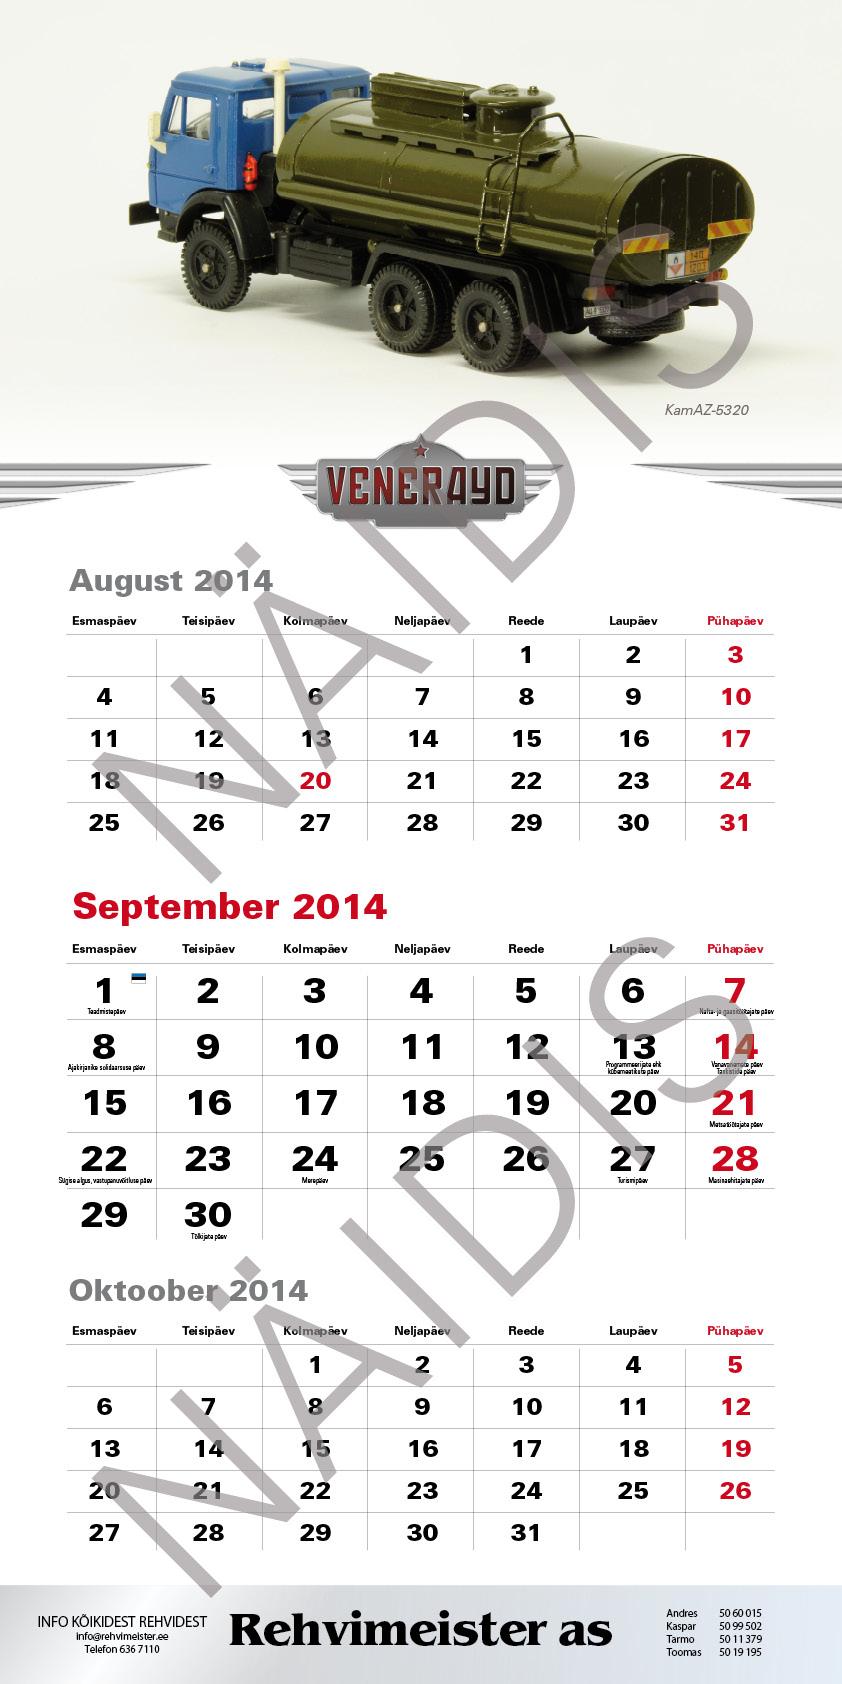 Veneraud_kalender_201410